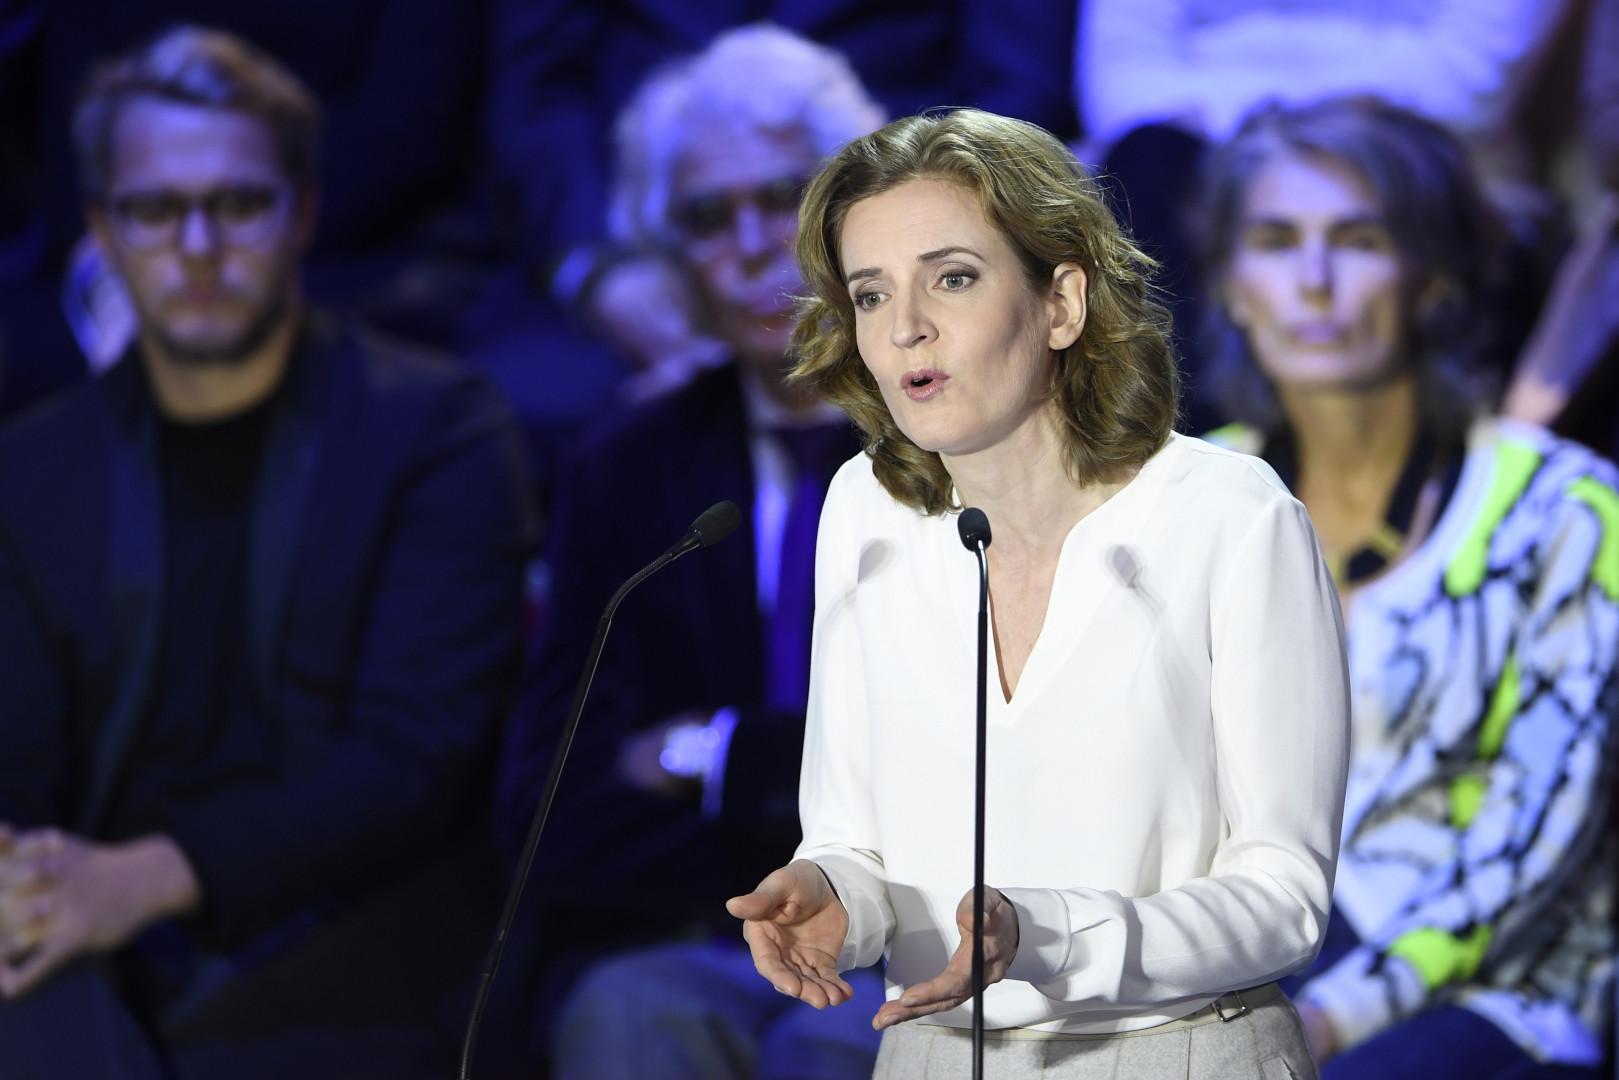 Nathalie Kosciusko-Morizet lors du deuxième débat de la primaire de la droite, le 3 novembre